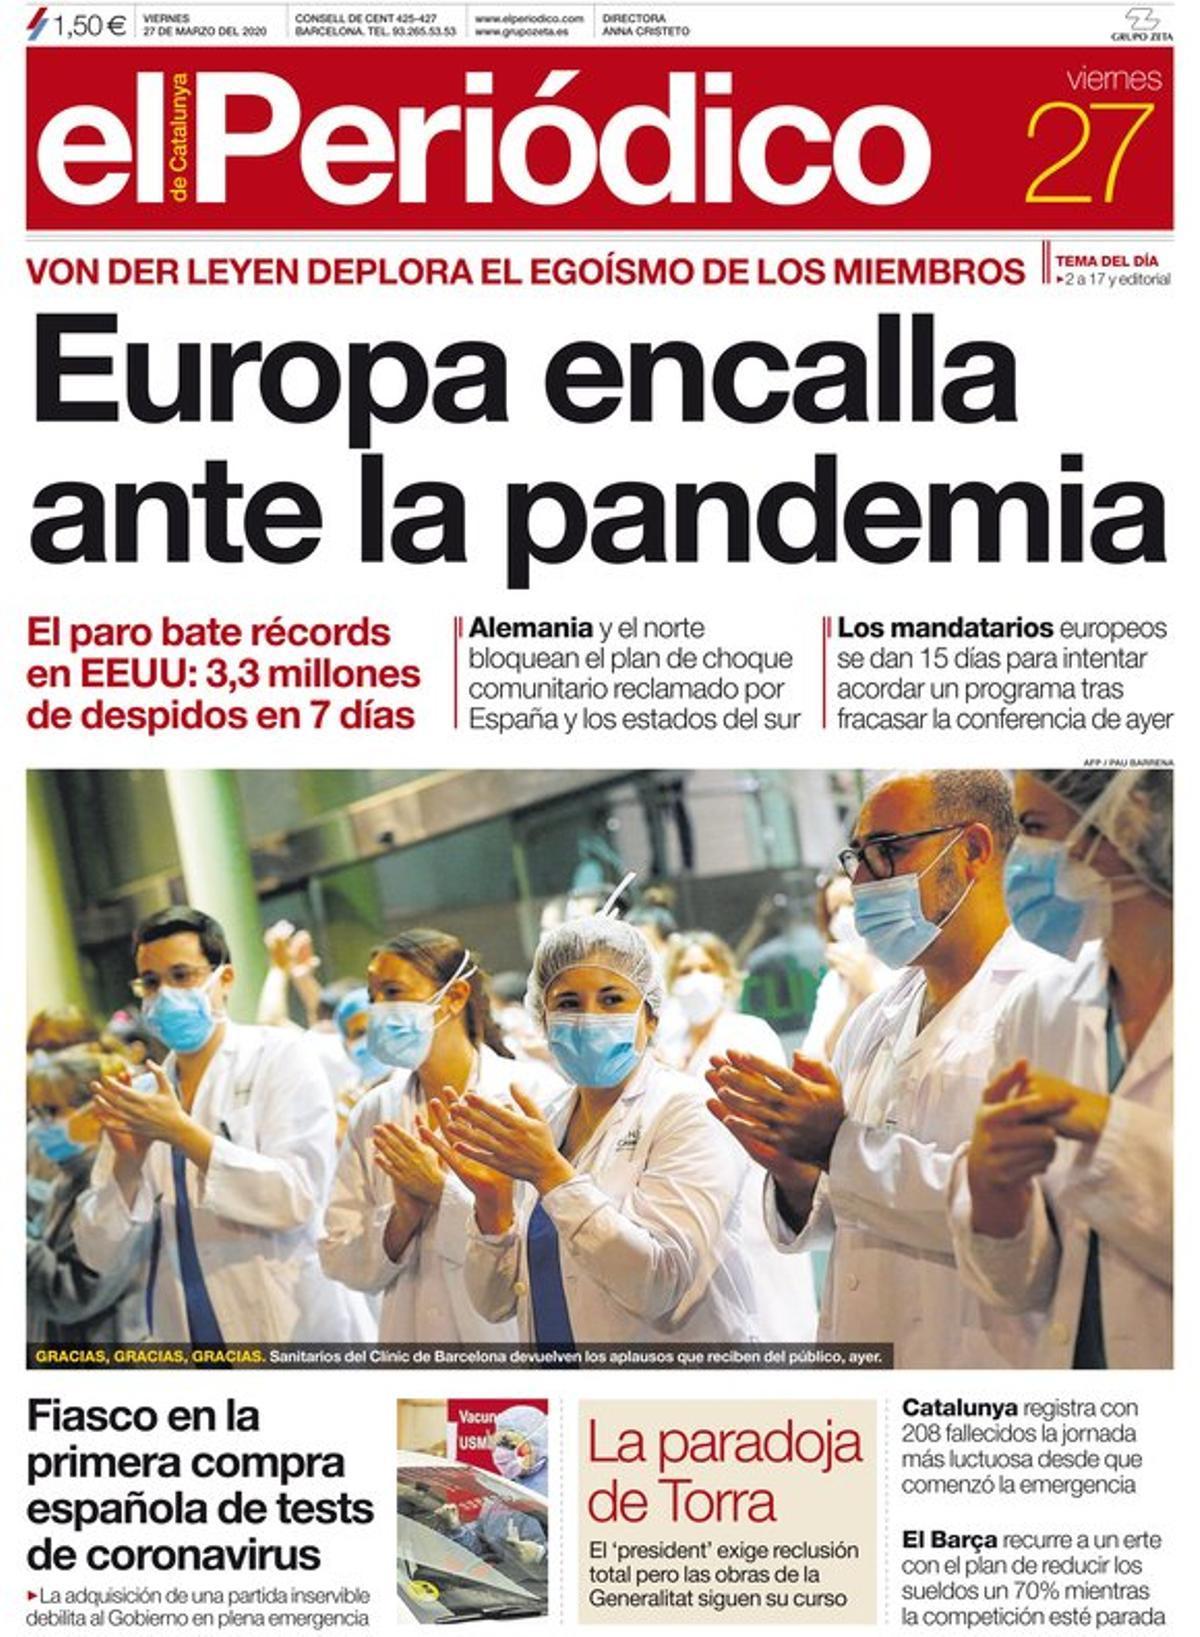 La portada de EL PERIÓDICO del 27 de marzo del 2020.